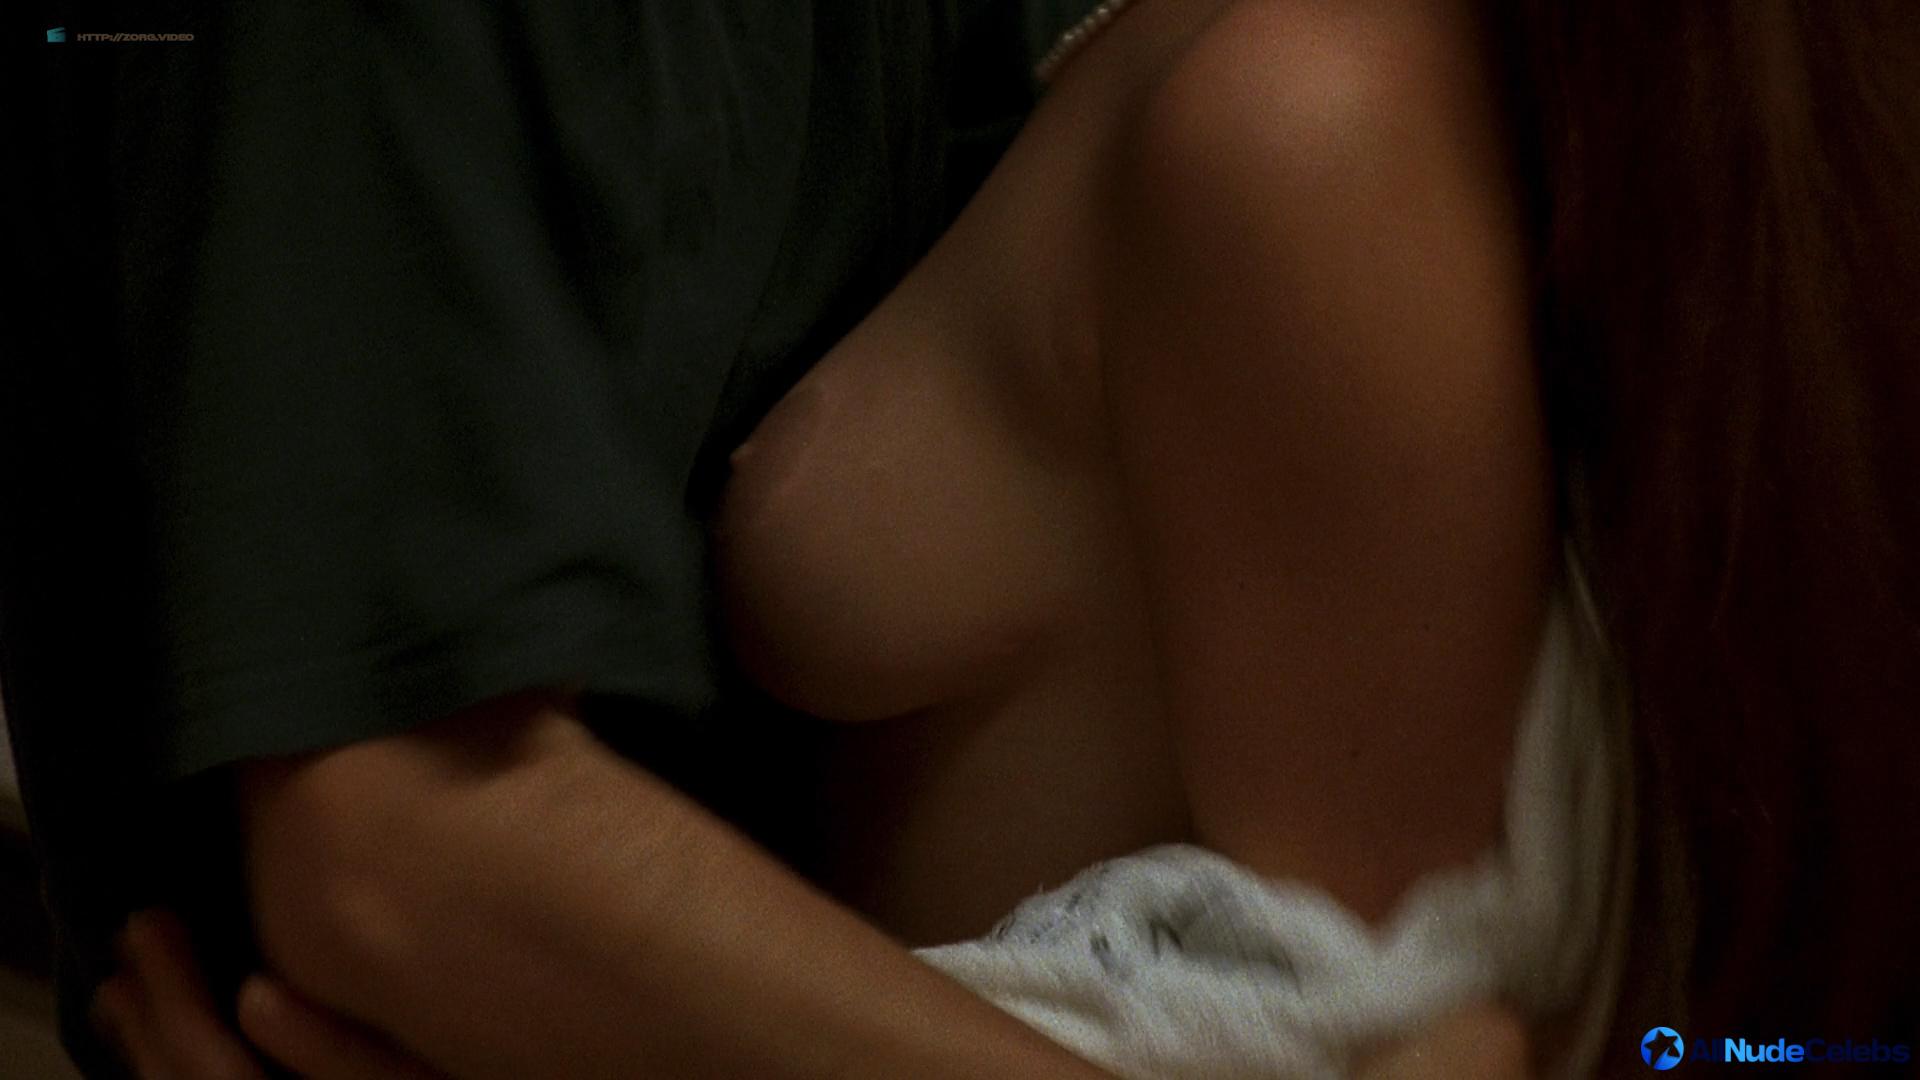 Drew Barrymore Nude Galery Watch Drew Barrymore Nude Porn